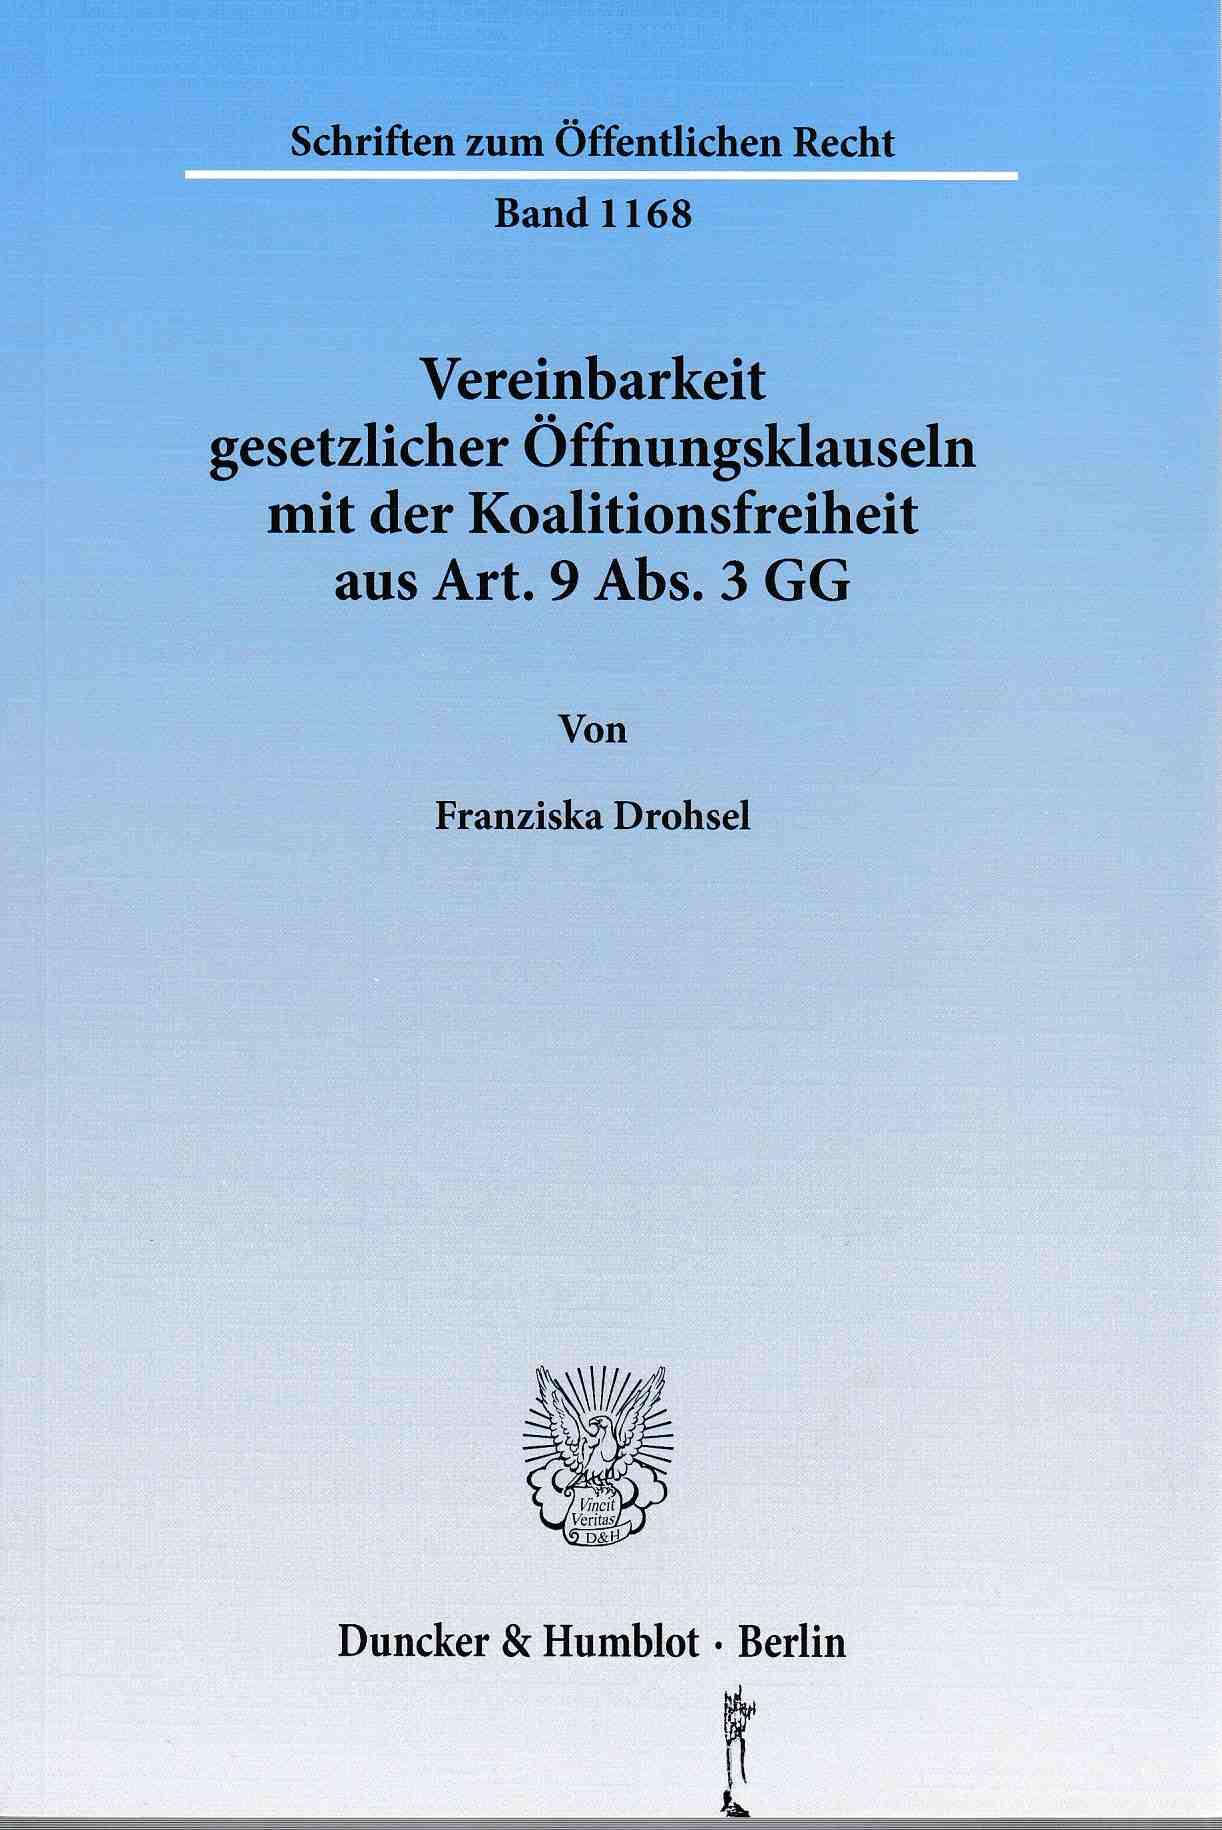 Vereinbarkeit gesetzlicher Öffnungsklauseln mit der Koalitionsfreiheit aus Art. 9 Abs. 3 GG. Schriften zum öffentlichen Recht ; Bd. 1168. - Drohsel, Franziska